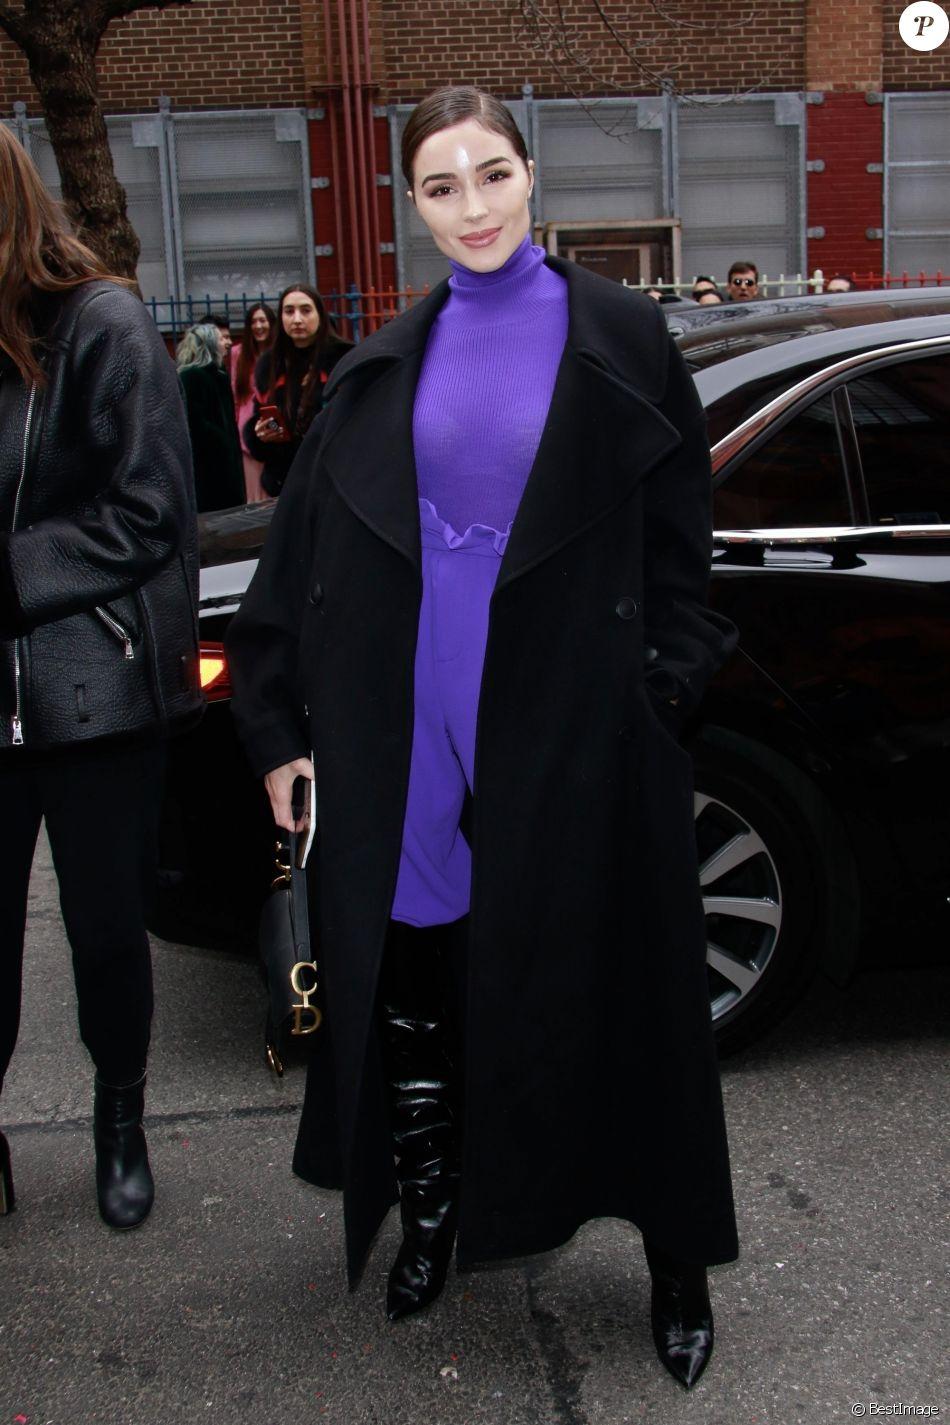 Olivia Culpo - Les célébrités arrivent au défilé de mode Alice & Olivia lors de la Fashion Week à New York, le 11 février 2019